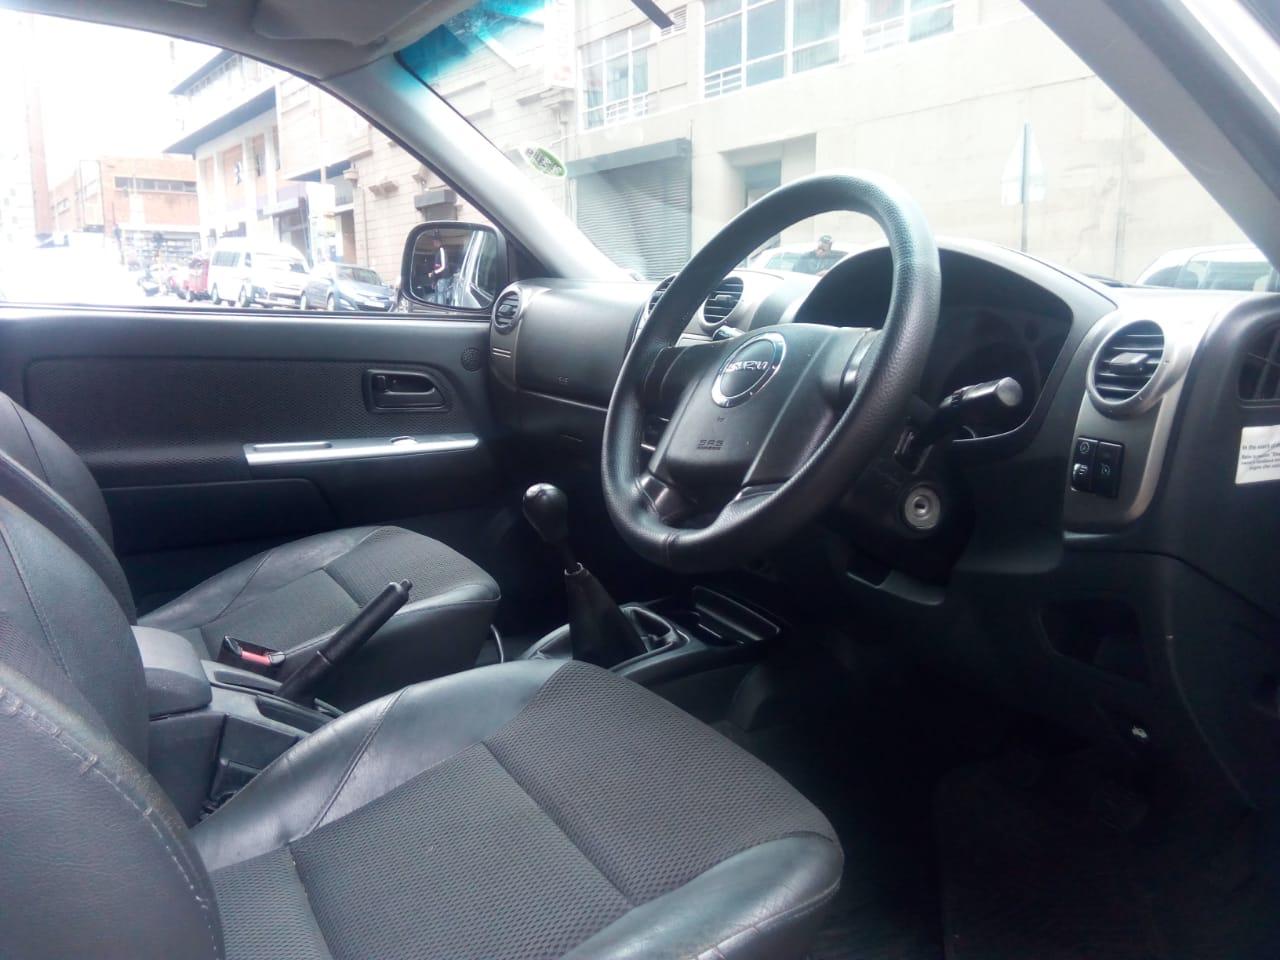 2008 Isuzu KB 300D Teq double cab 4x4 LX